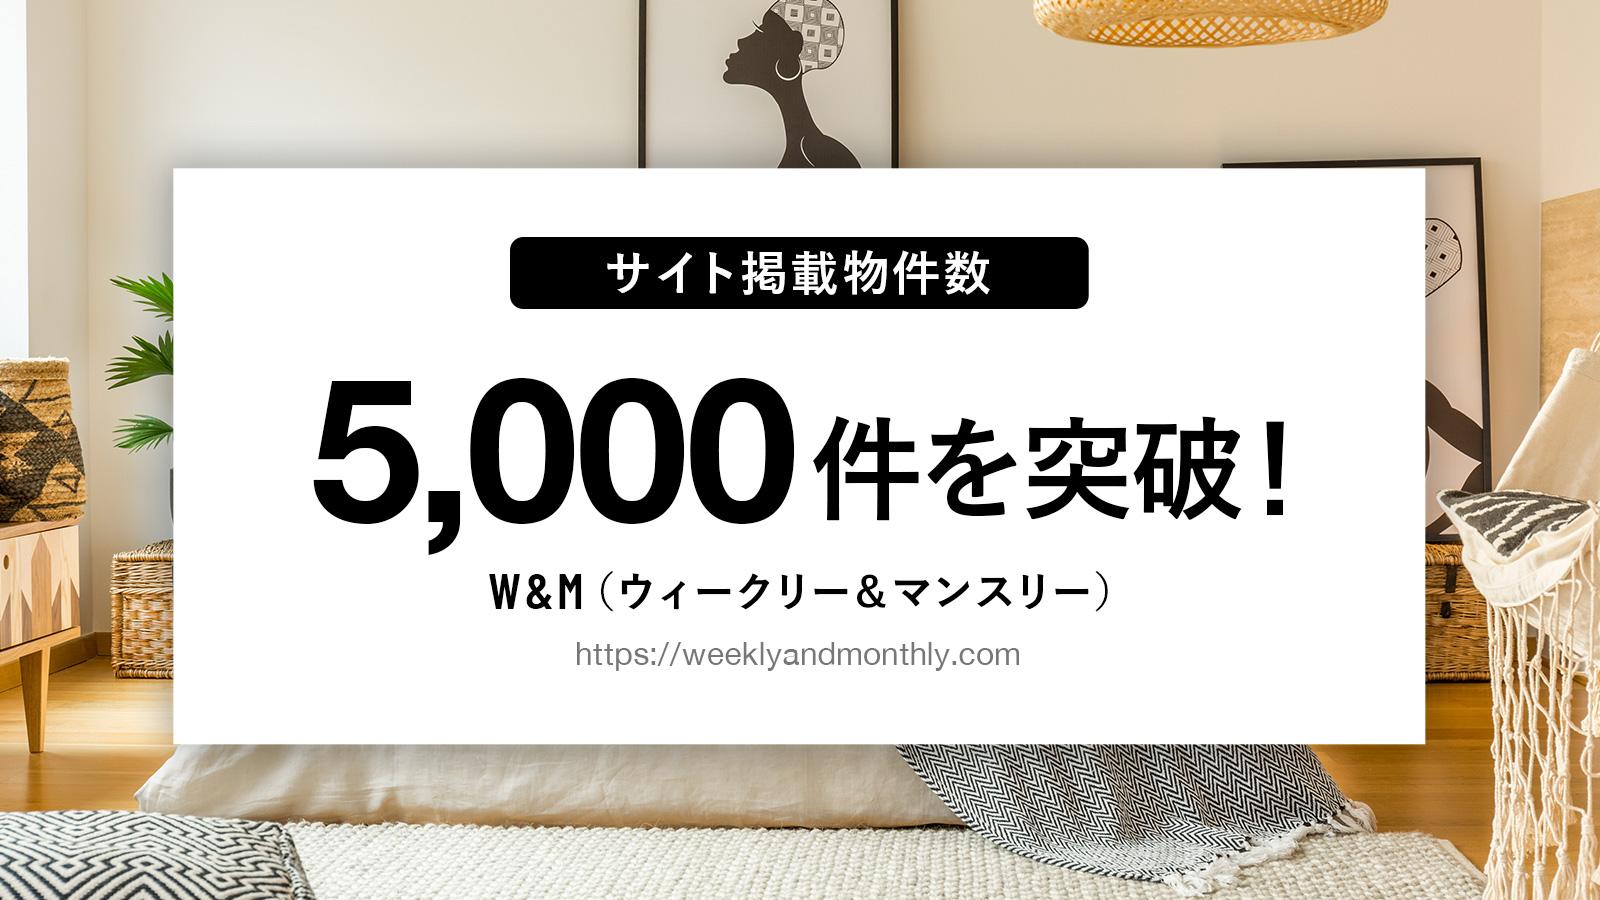 【PR】W&M(ウィークリー&マンスリー)サイト掲載物件数5,000件を突破!